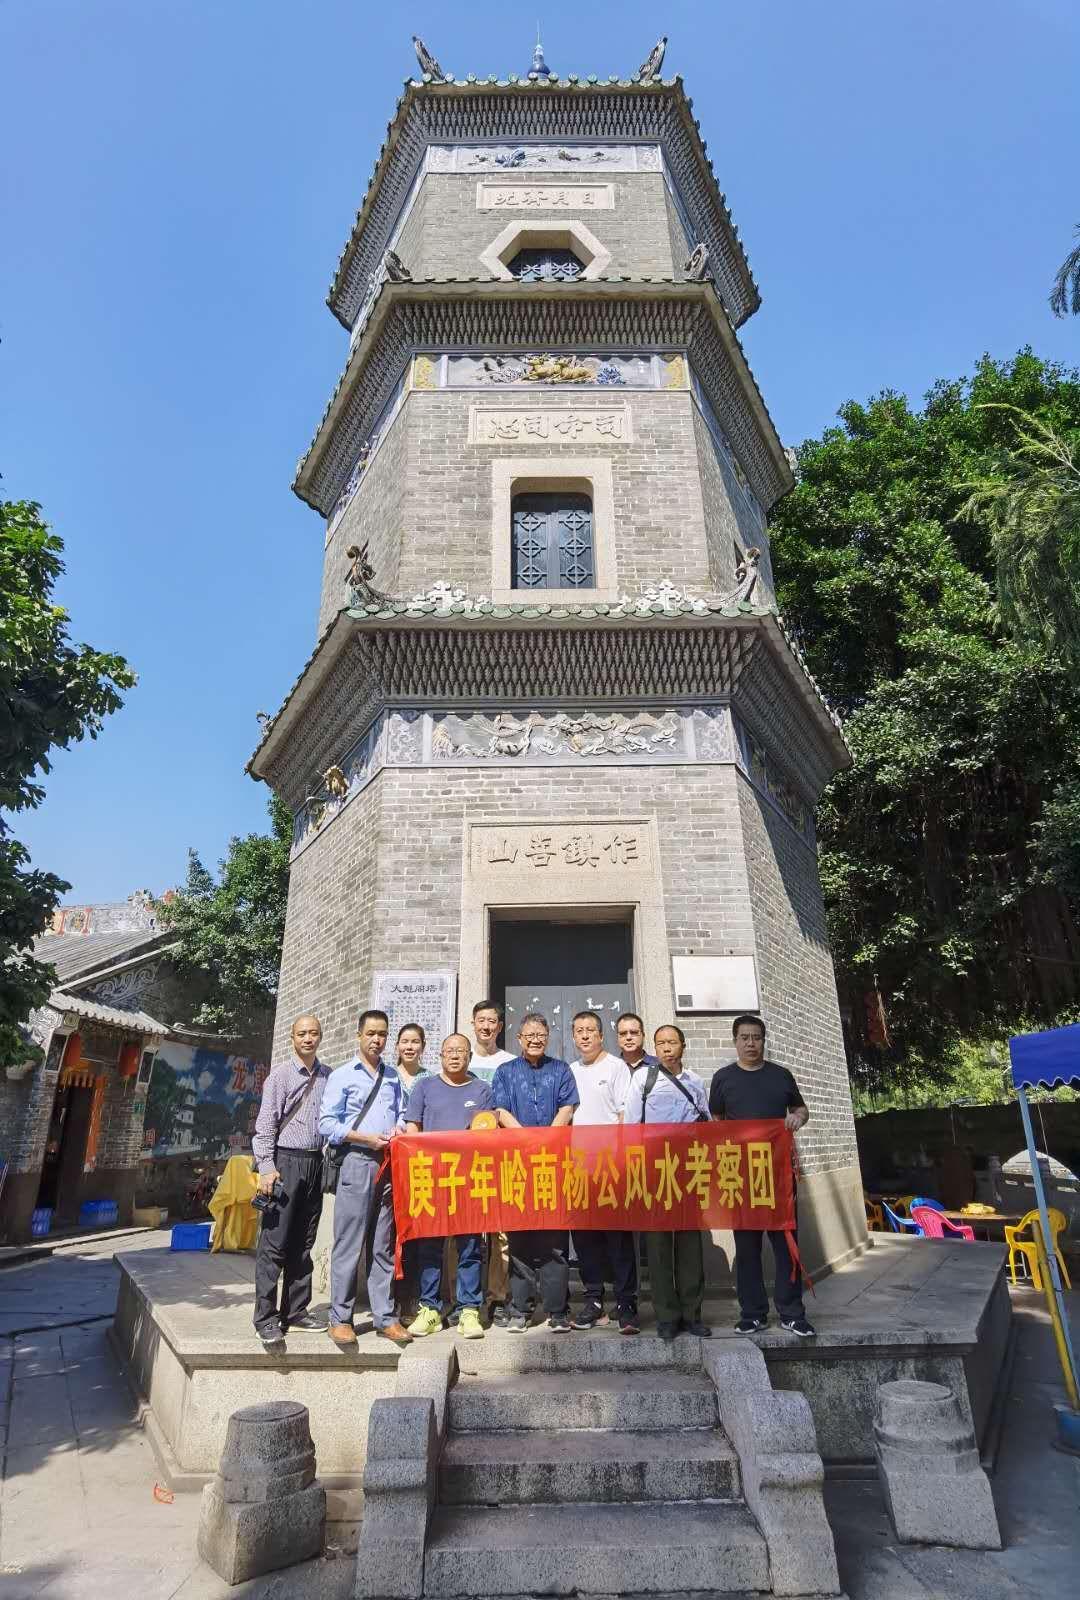 一次完美的风水文化游学活动   曾祥 风水团队岭南贵族风水考察收获满满